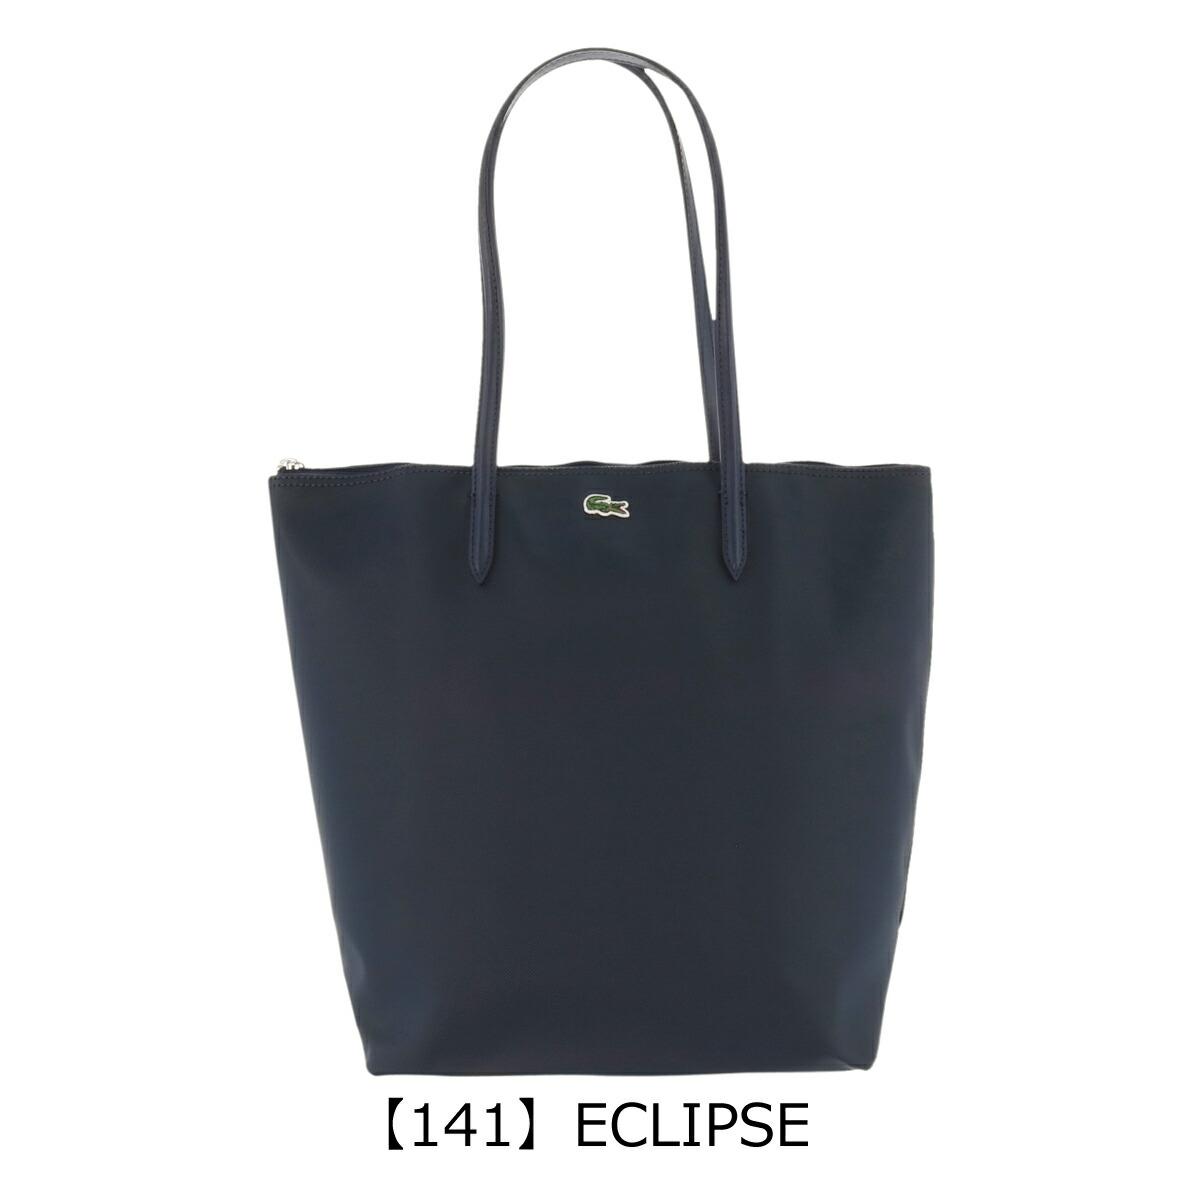 【141】ECLIPSE